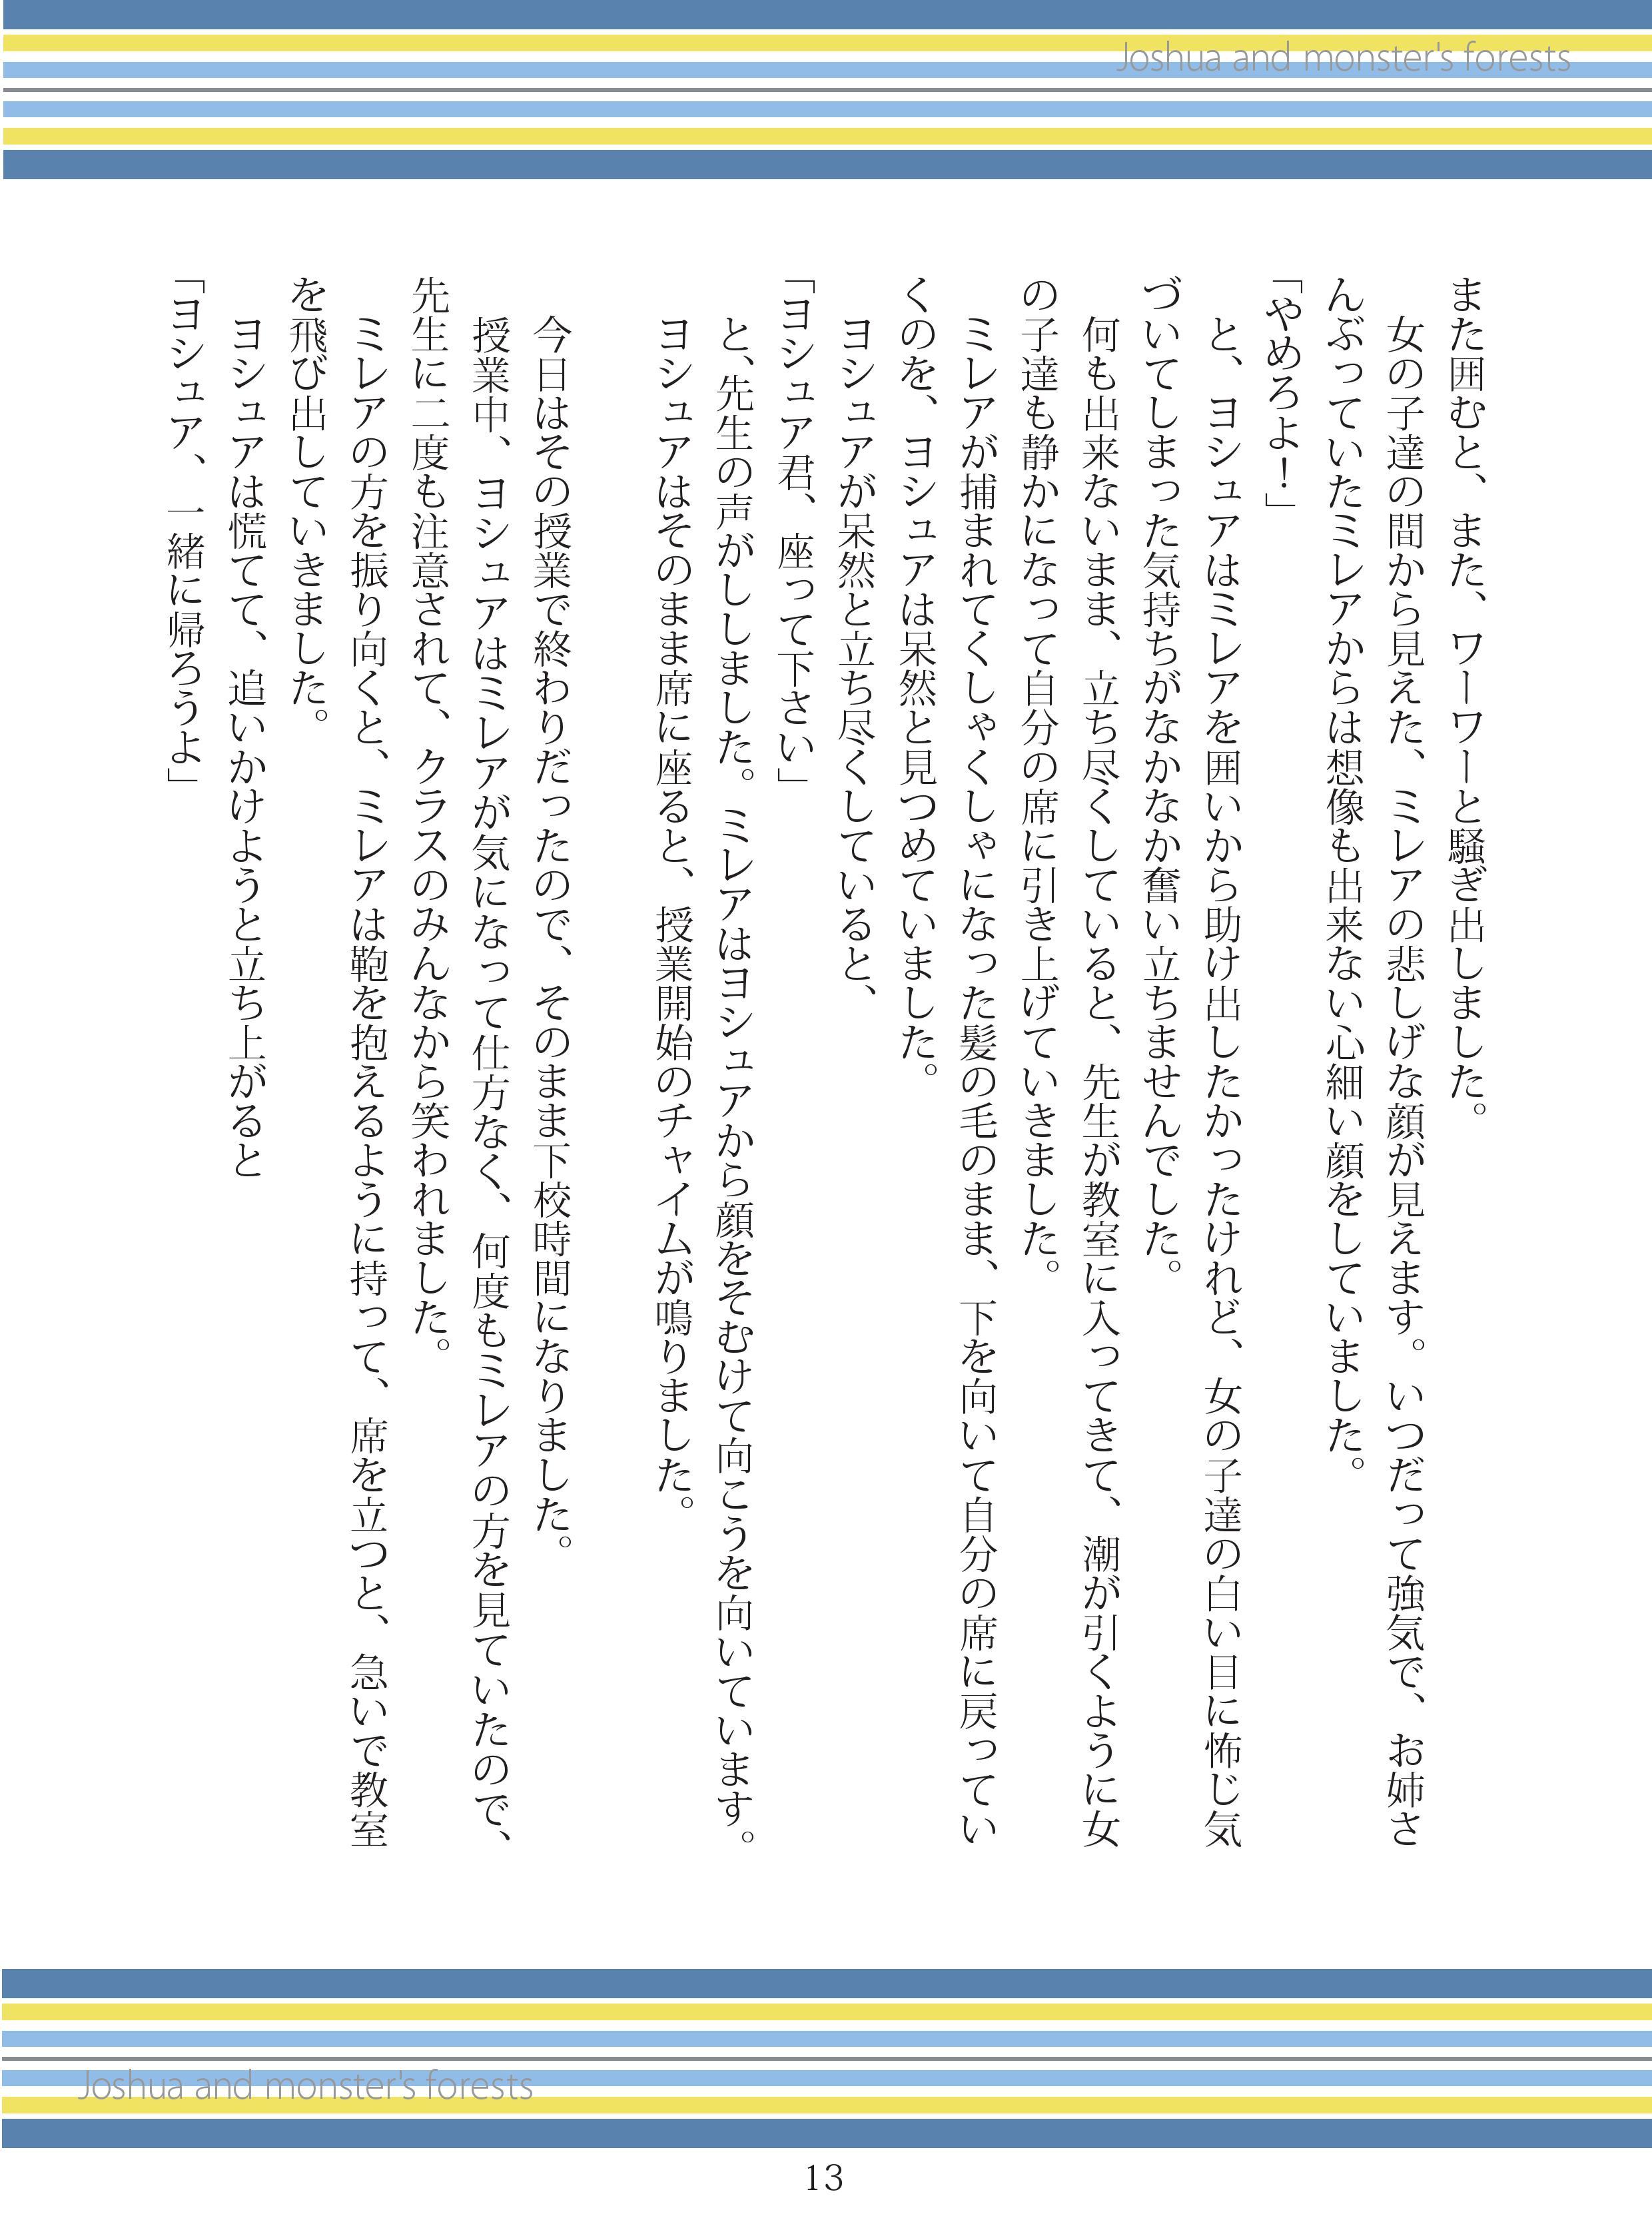 image_014